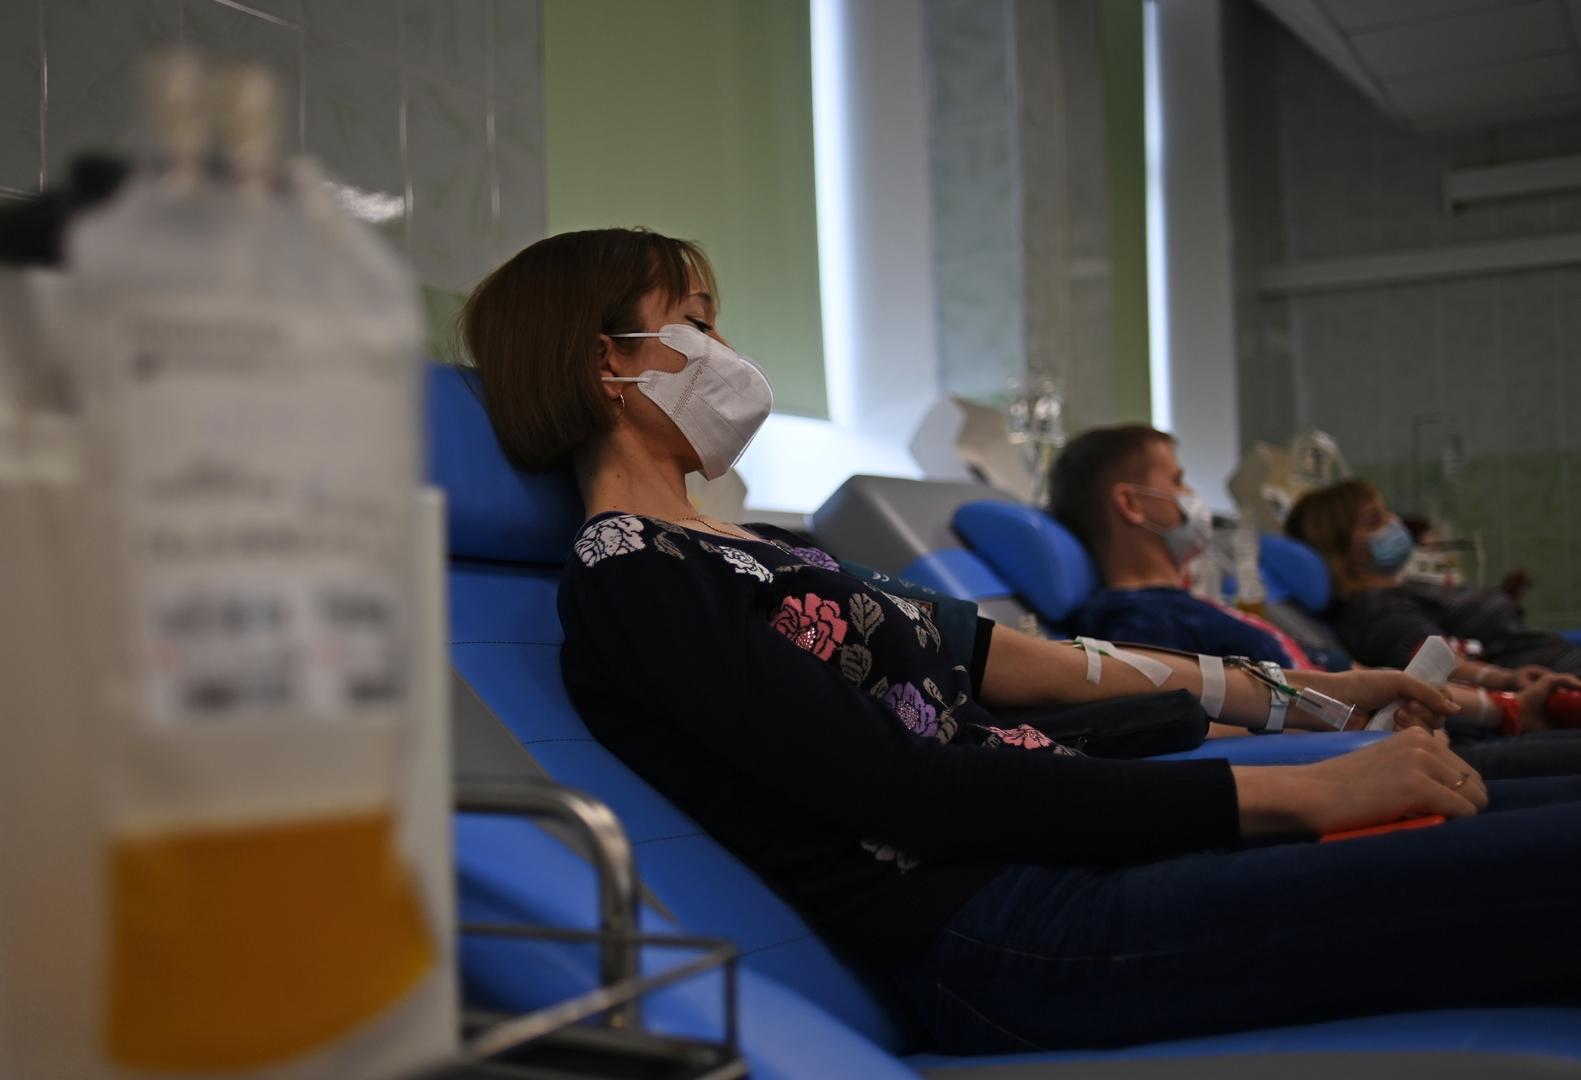 موسكو تبدأ لأول مرة في استعمال أحدث العقاقير في علاج مرضى كوفيد